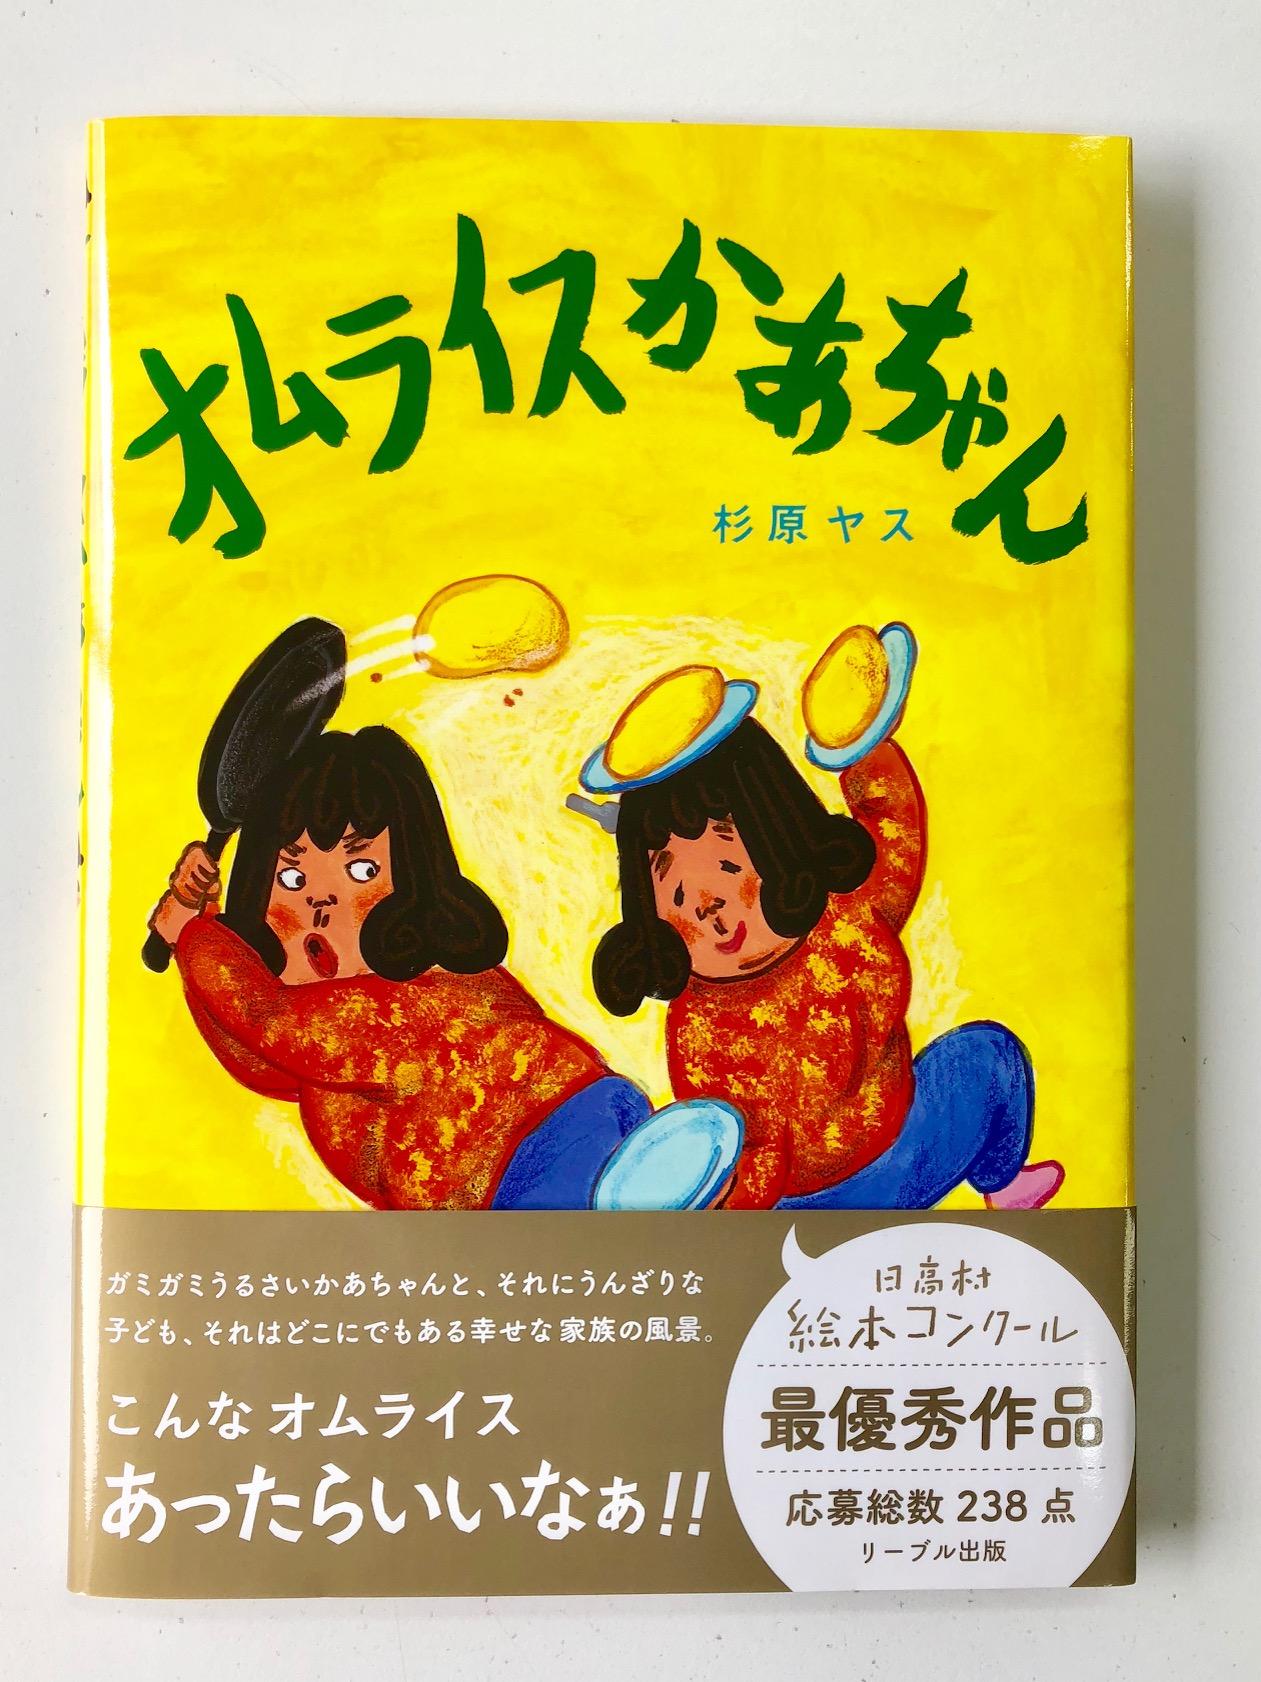 日高村絵本コンクール最優秀作品『オムライスかあちゃん』